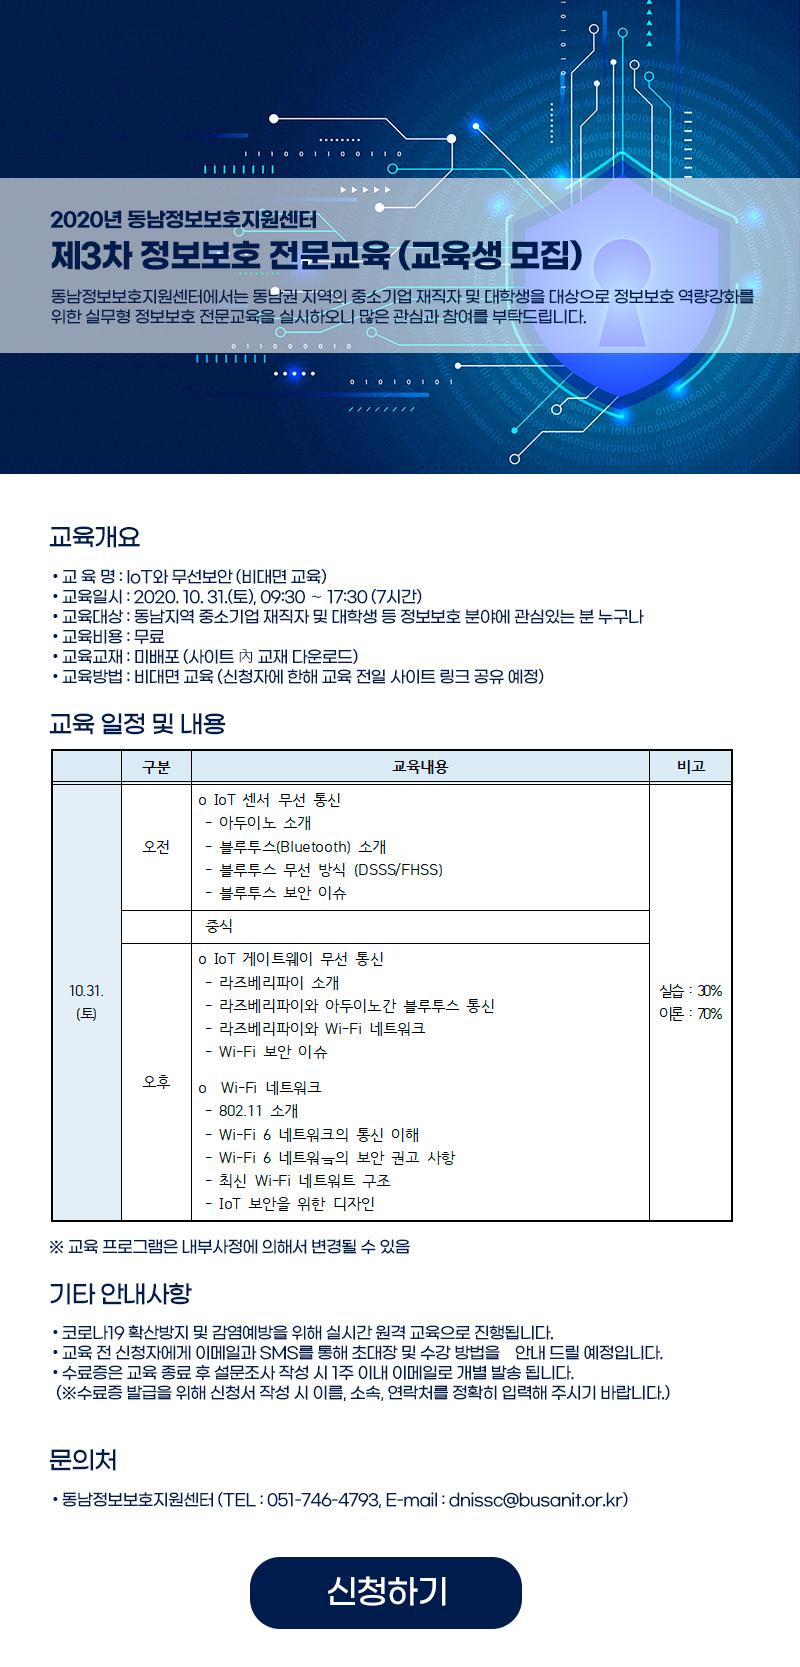 2020년 동남정보보호지원센터 제3차 정보보호 전문교육(교육생 모집)